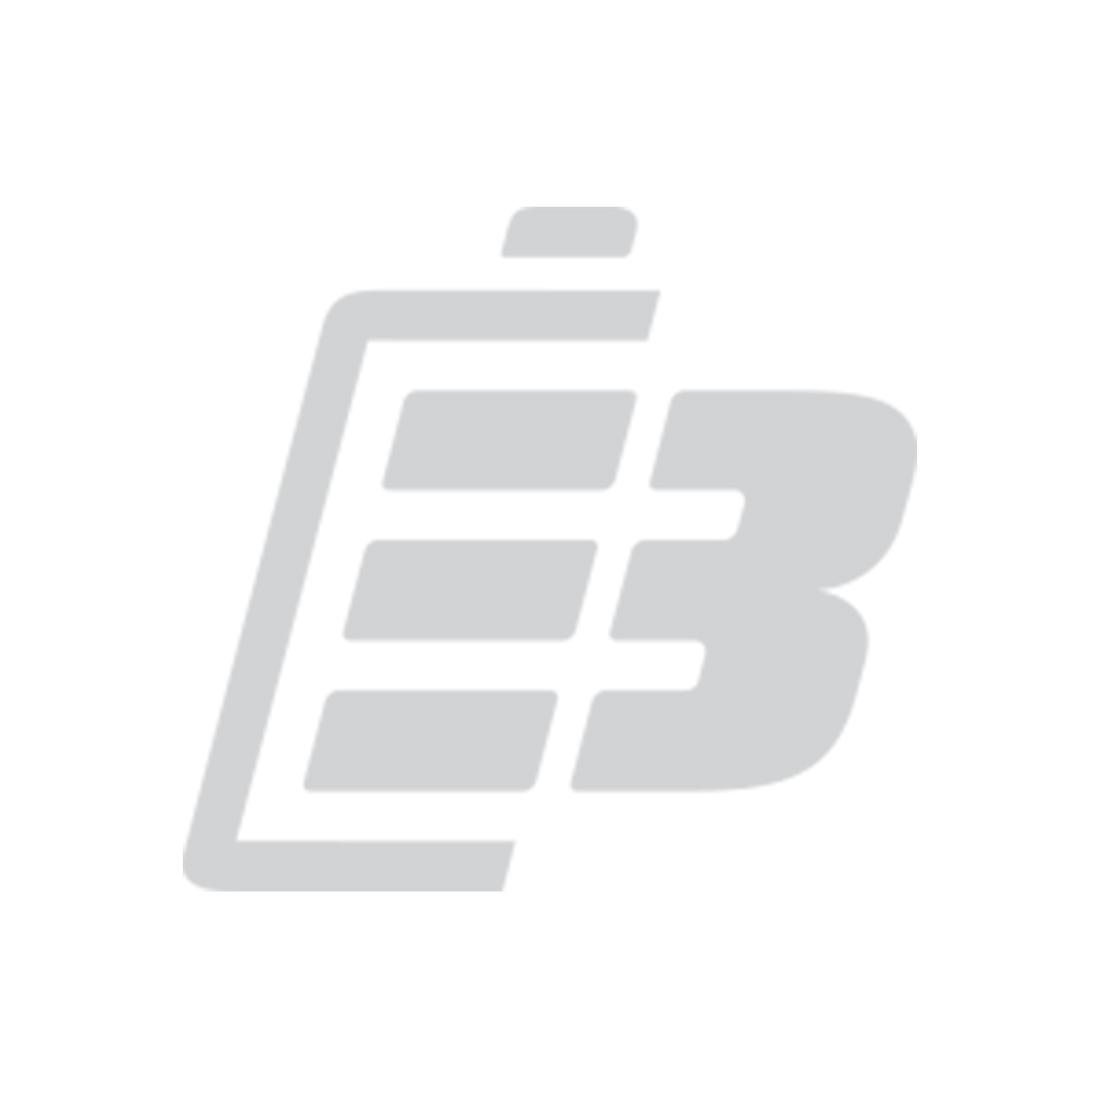 Μπαταρία Laptop Sony VGP-BPS22_1